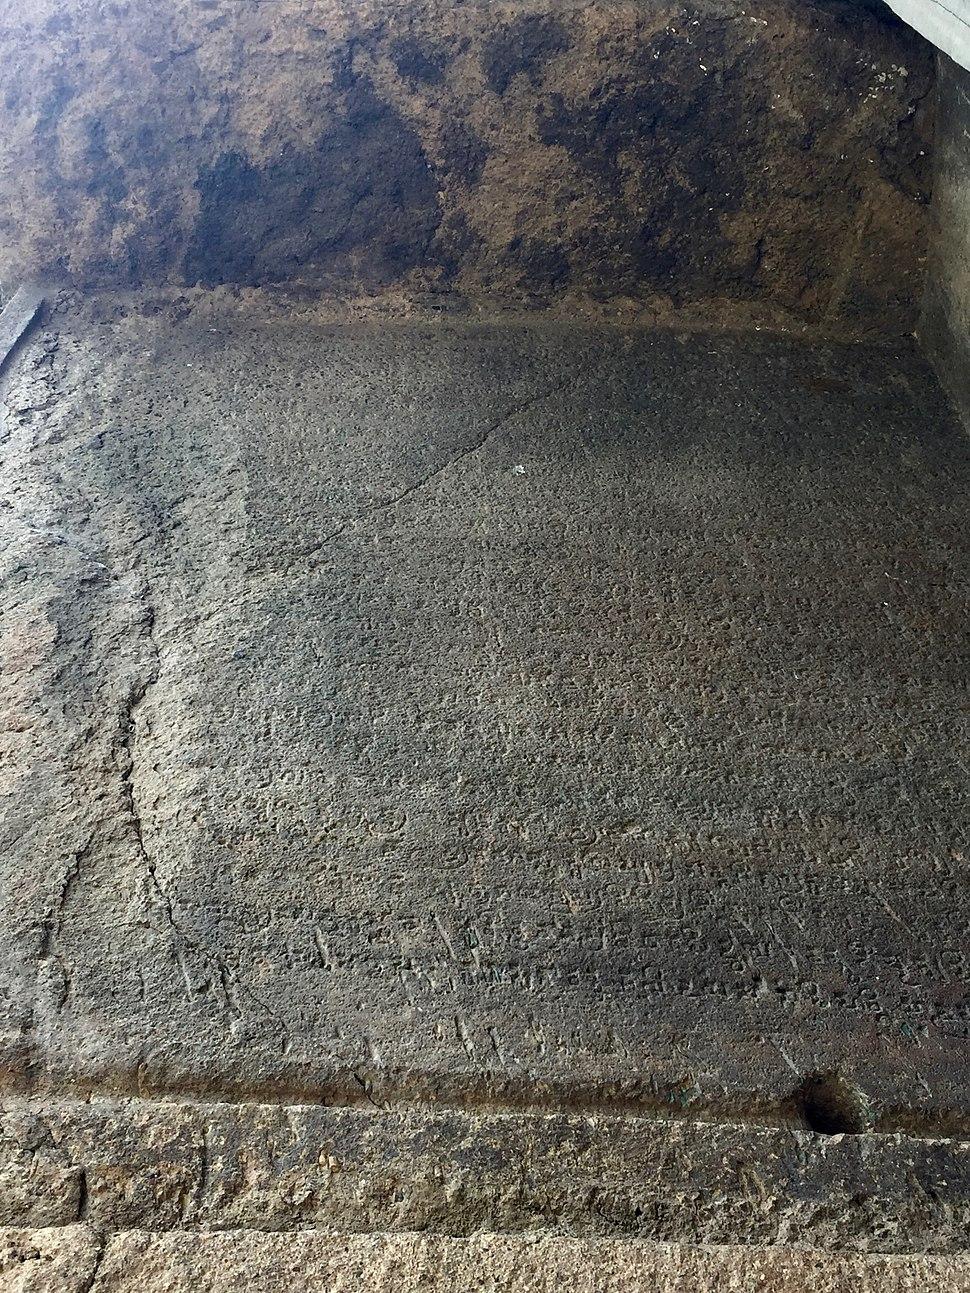 A Brahmi inscribed wall at Ajanta Caves